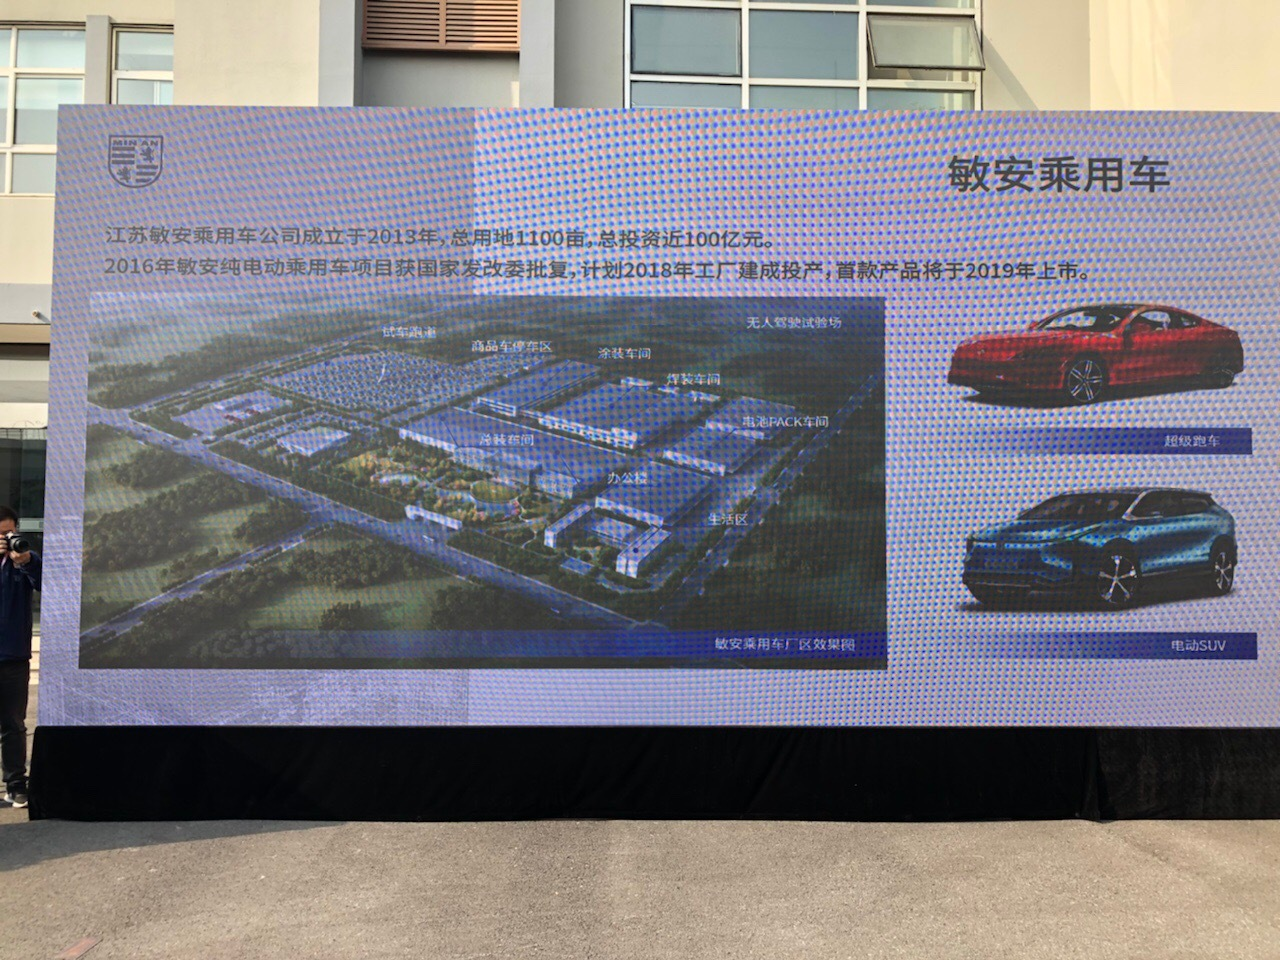 江苏敏安电动汽车有限公司由香港展图(中国)投资有限公司与江苏淮安开